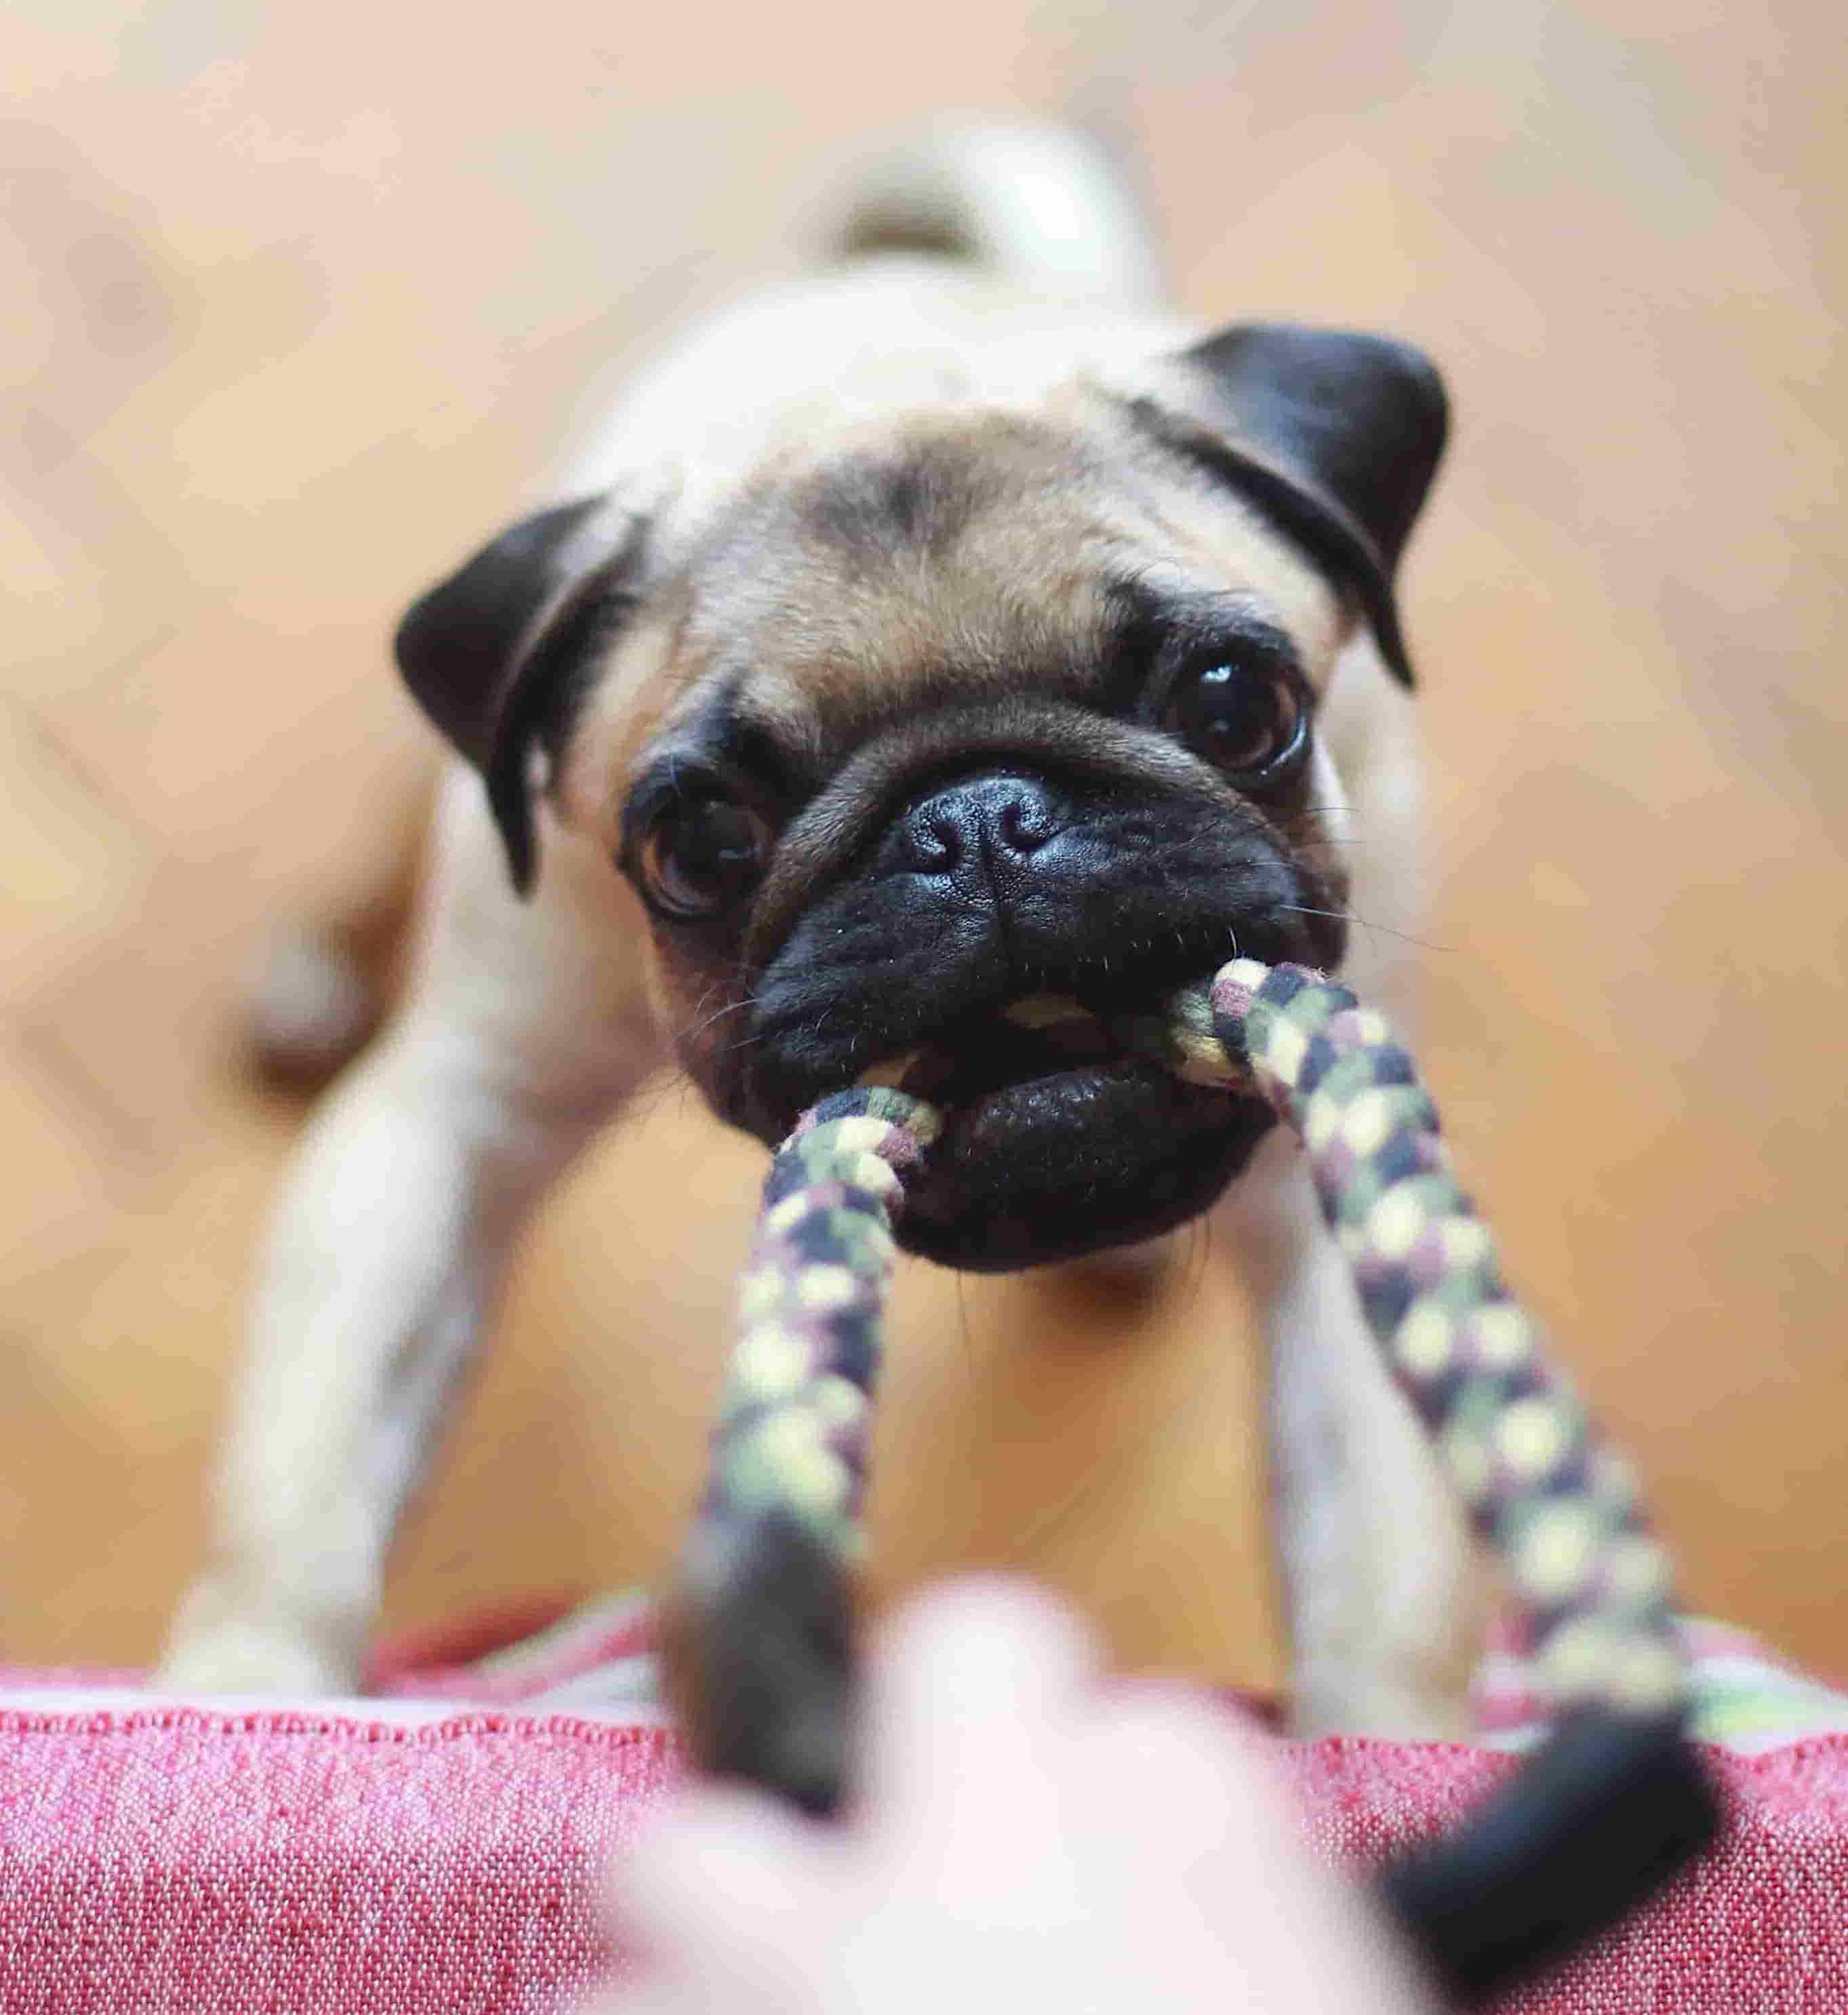 om hundehvalpe indkøb og legetøj til hundehvalpe